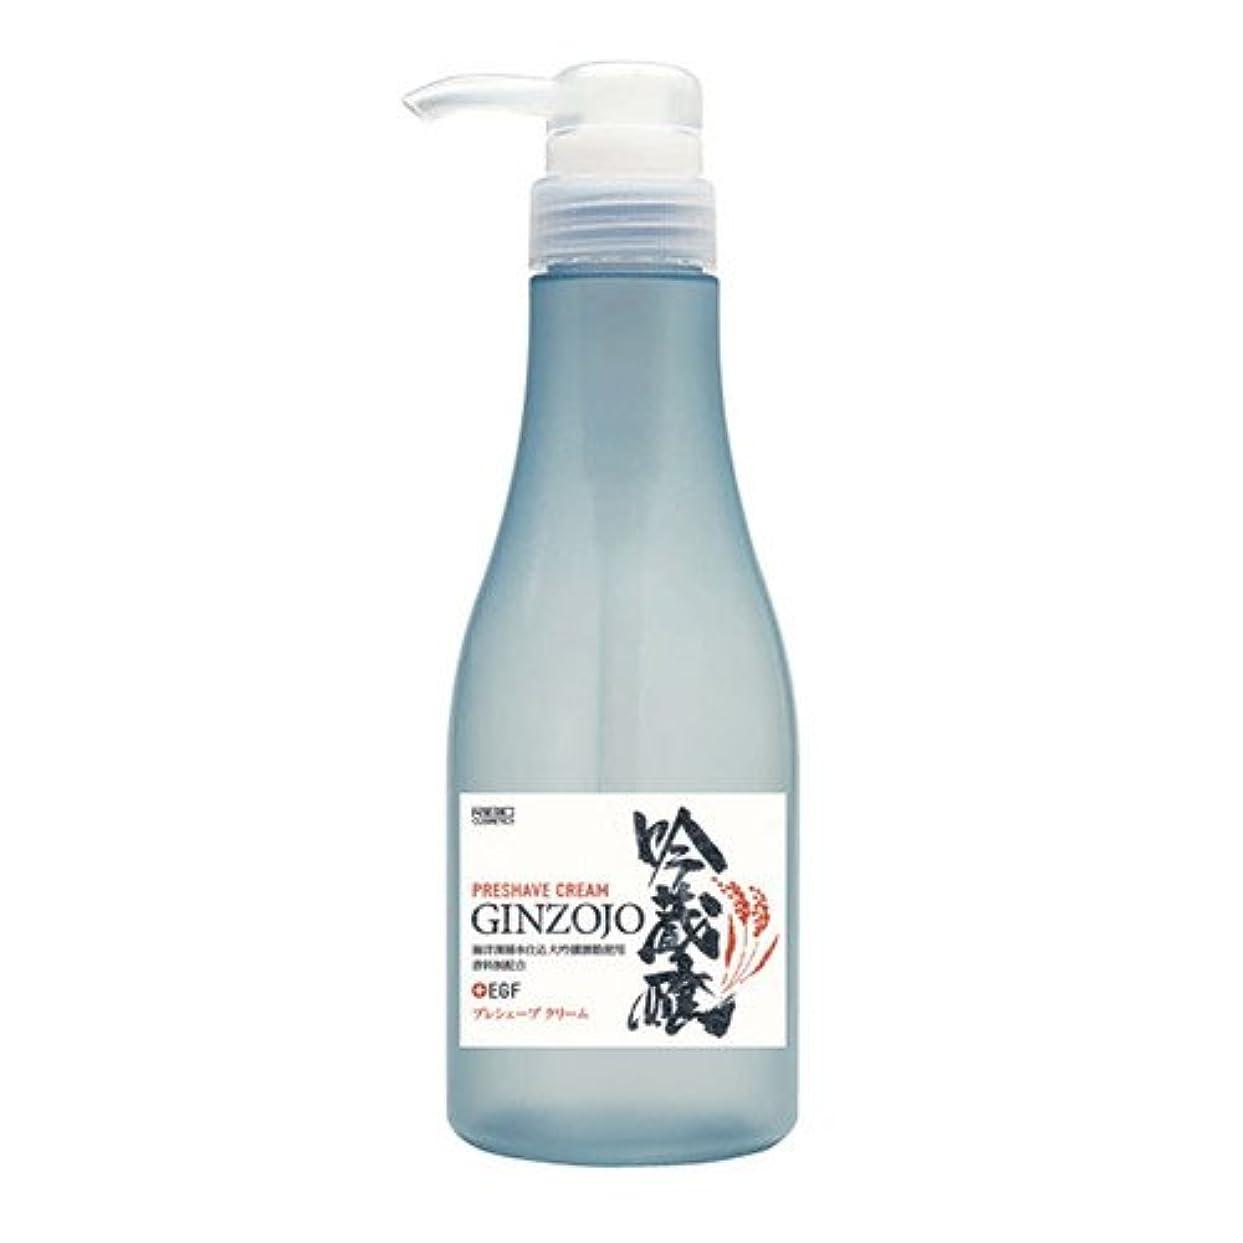 赤ペインティング頬日本ケミコス株式会社 吟蔵醸 プレシェーブクリームKF 360ml